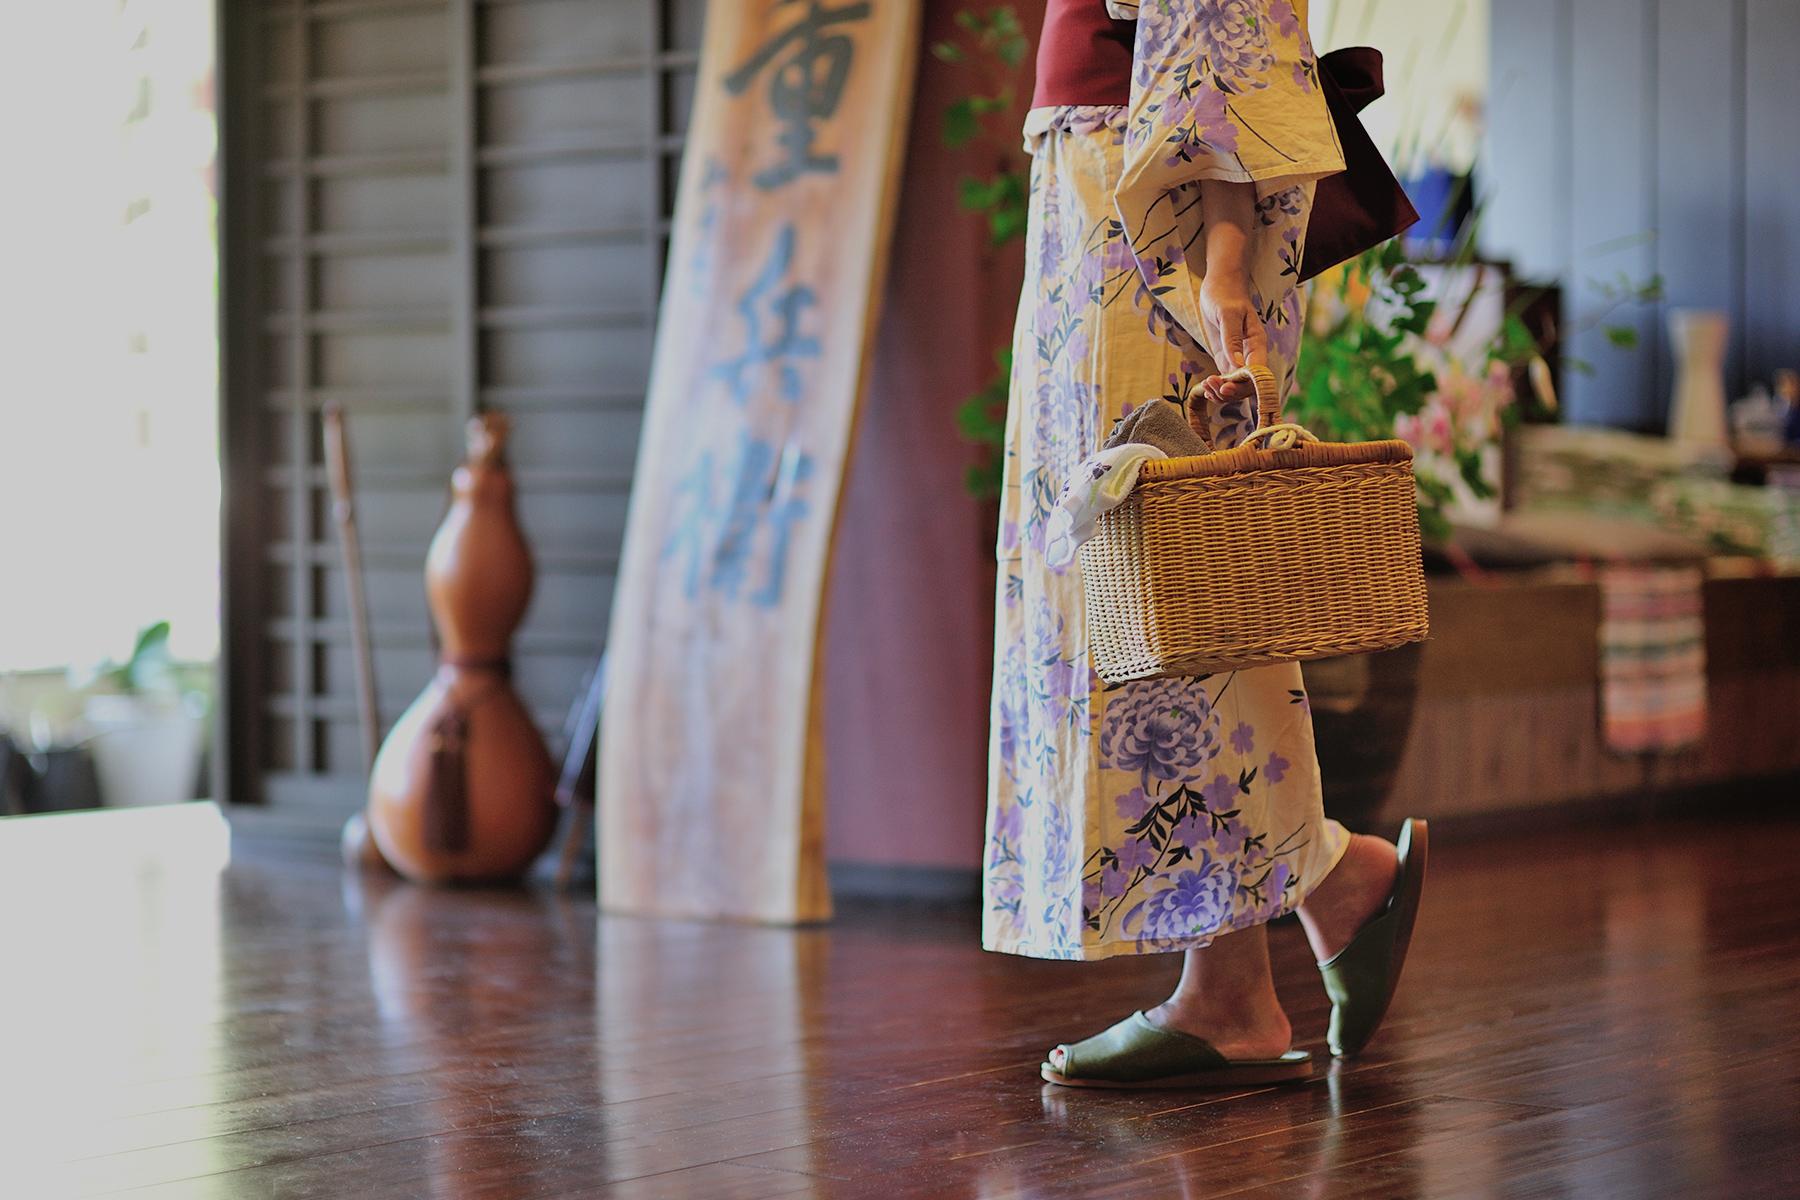 カゴバッグを持つ女性